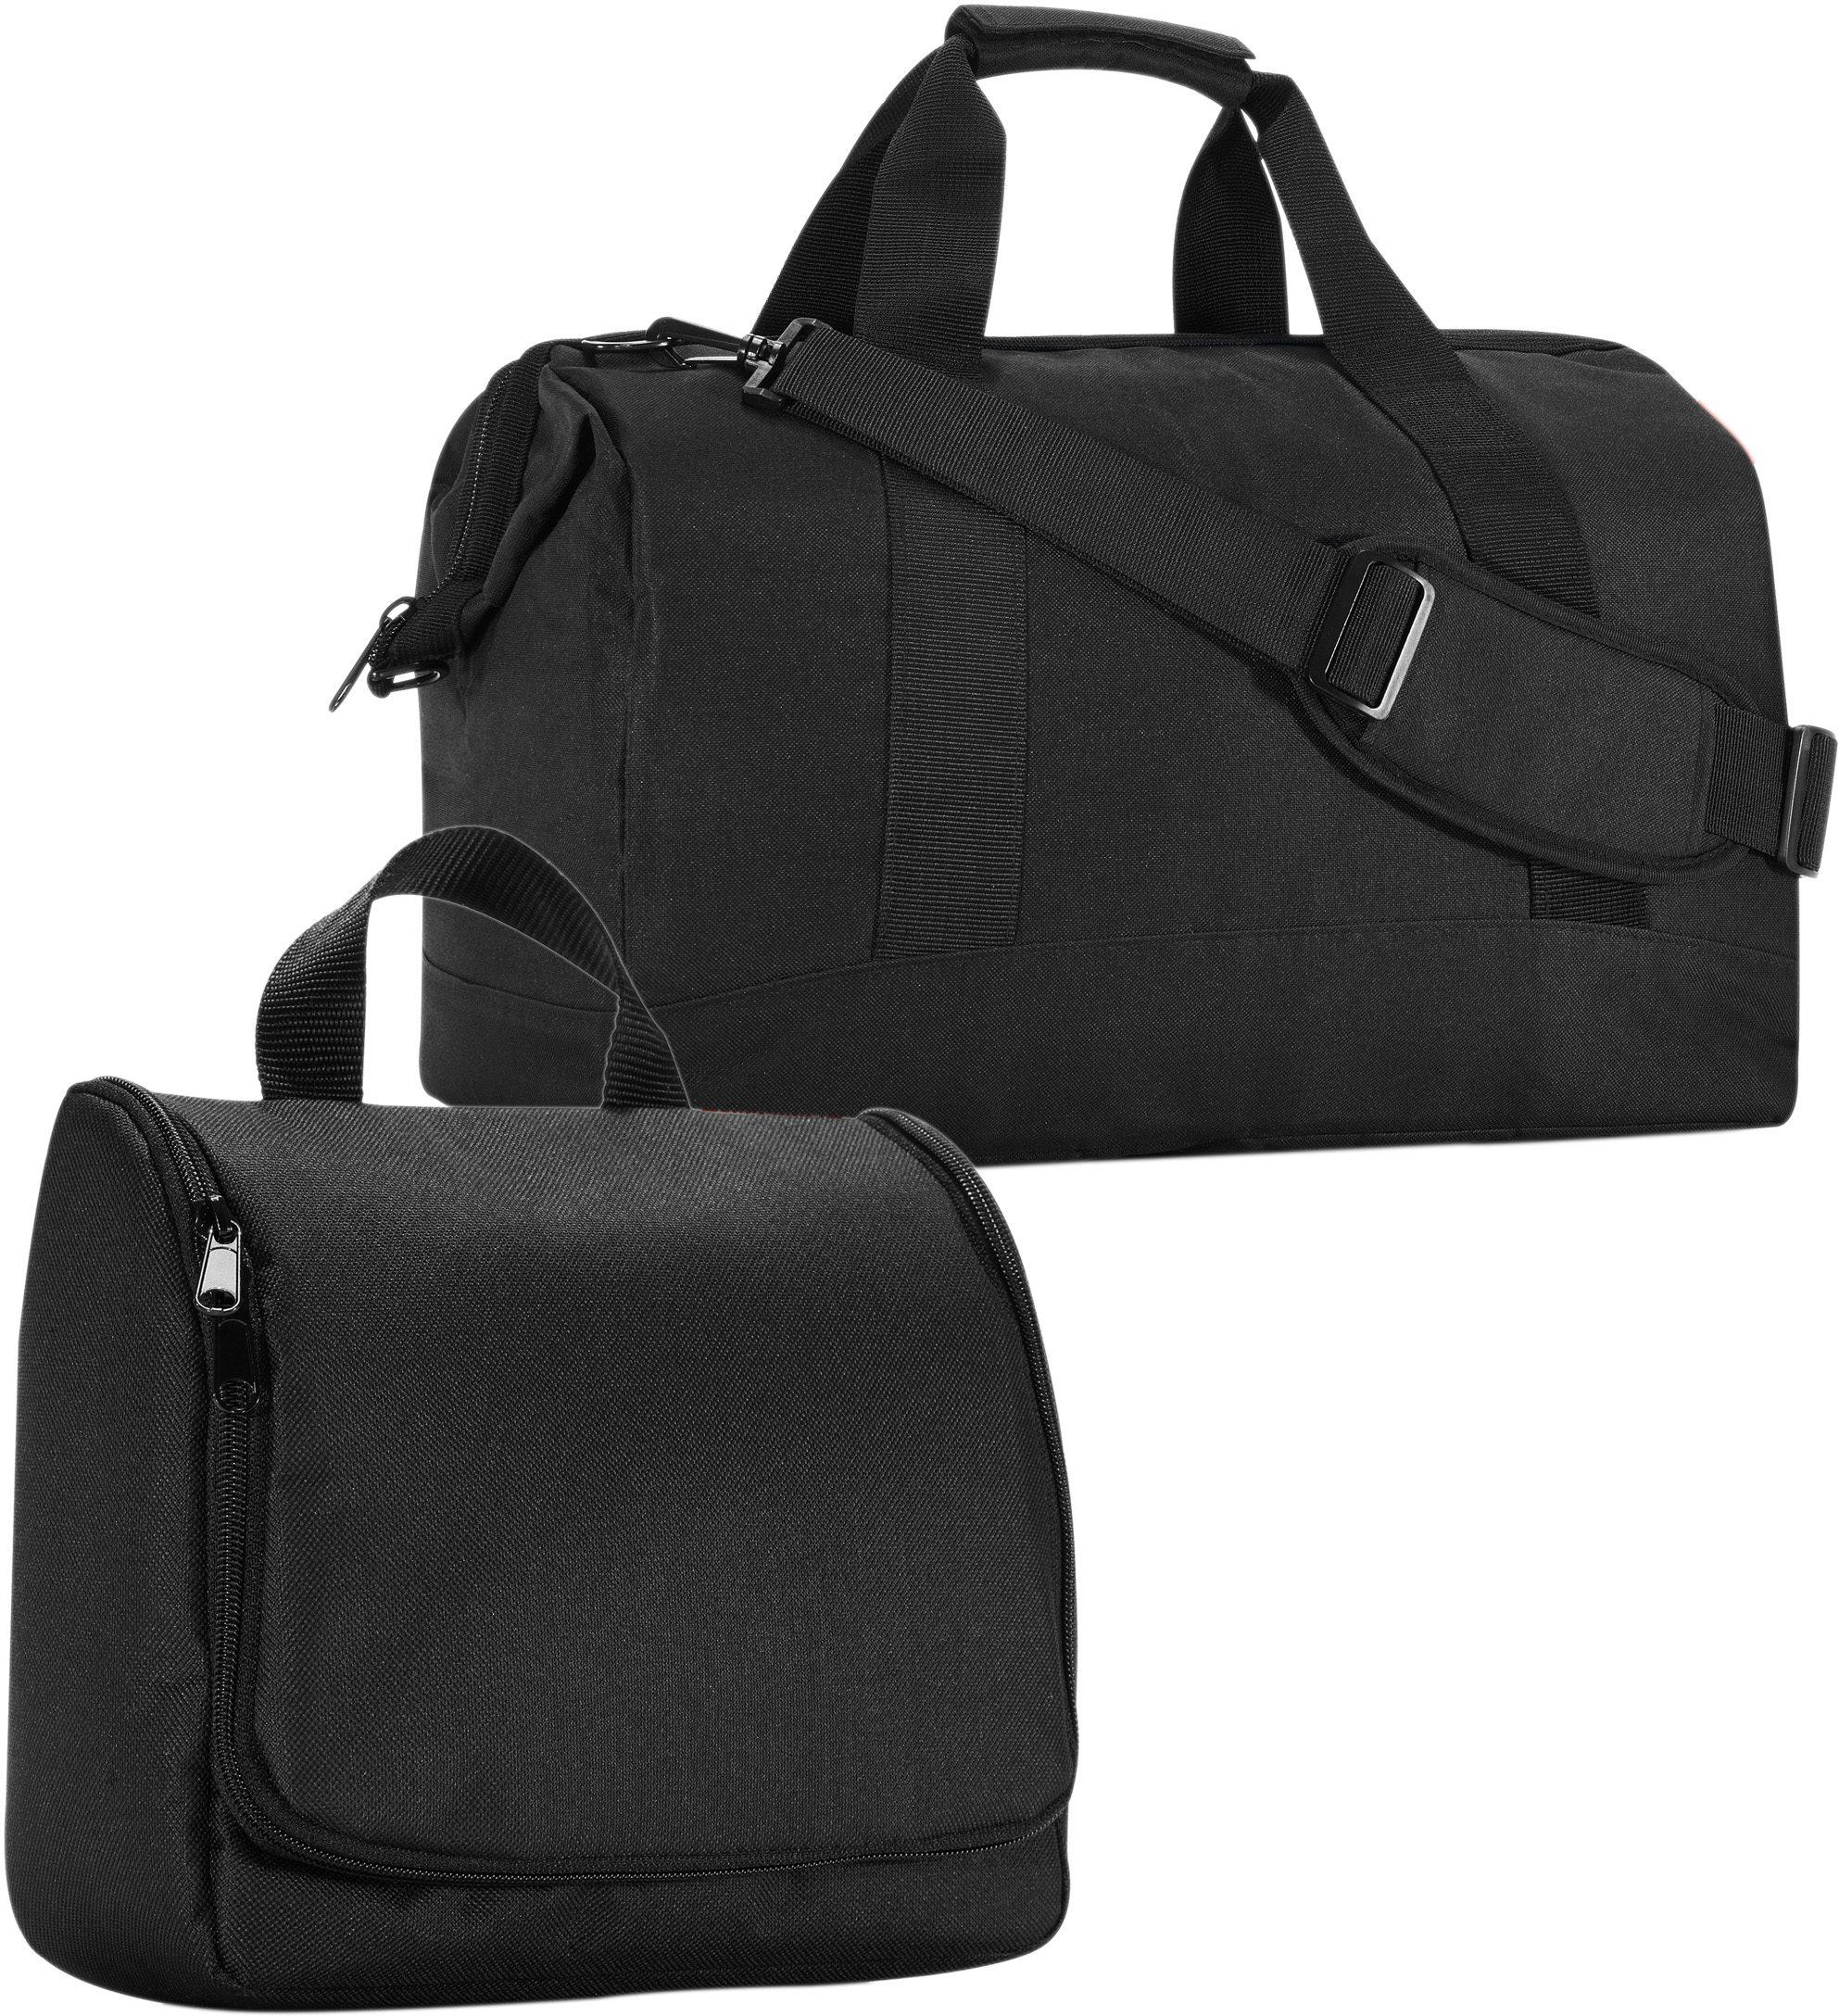 reisenthel® Reisetasche »allrounder« und Kosmetiktasche »toiletbag« black im SET